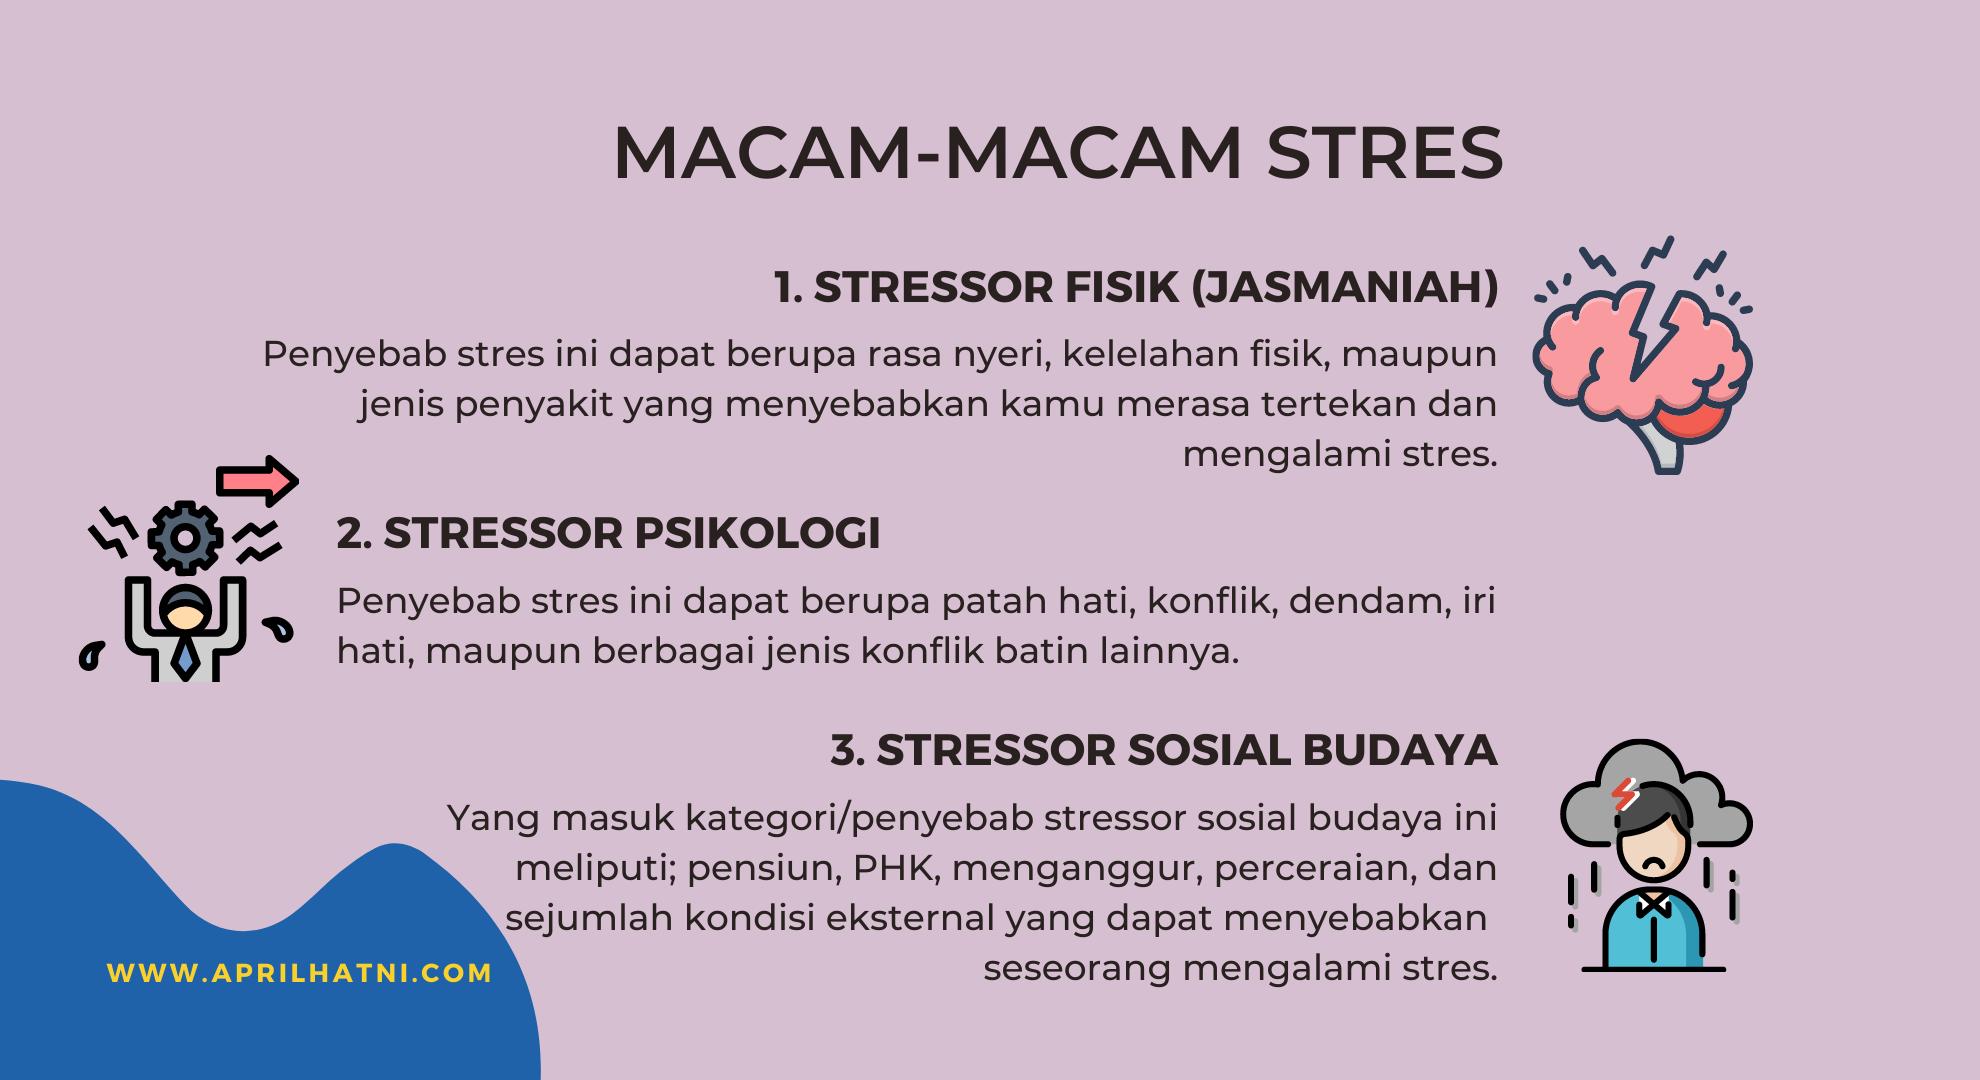 macam-macam stres